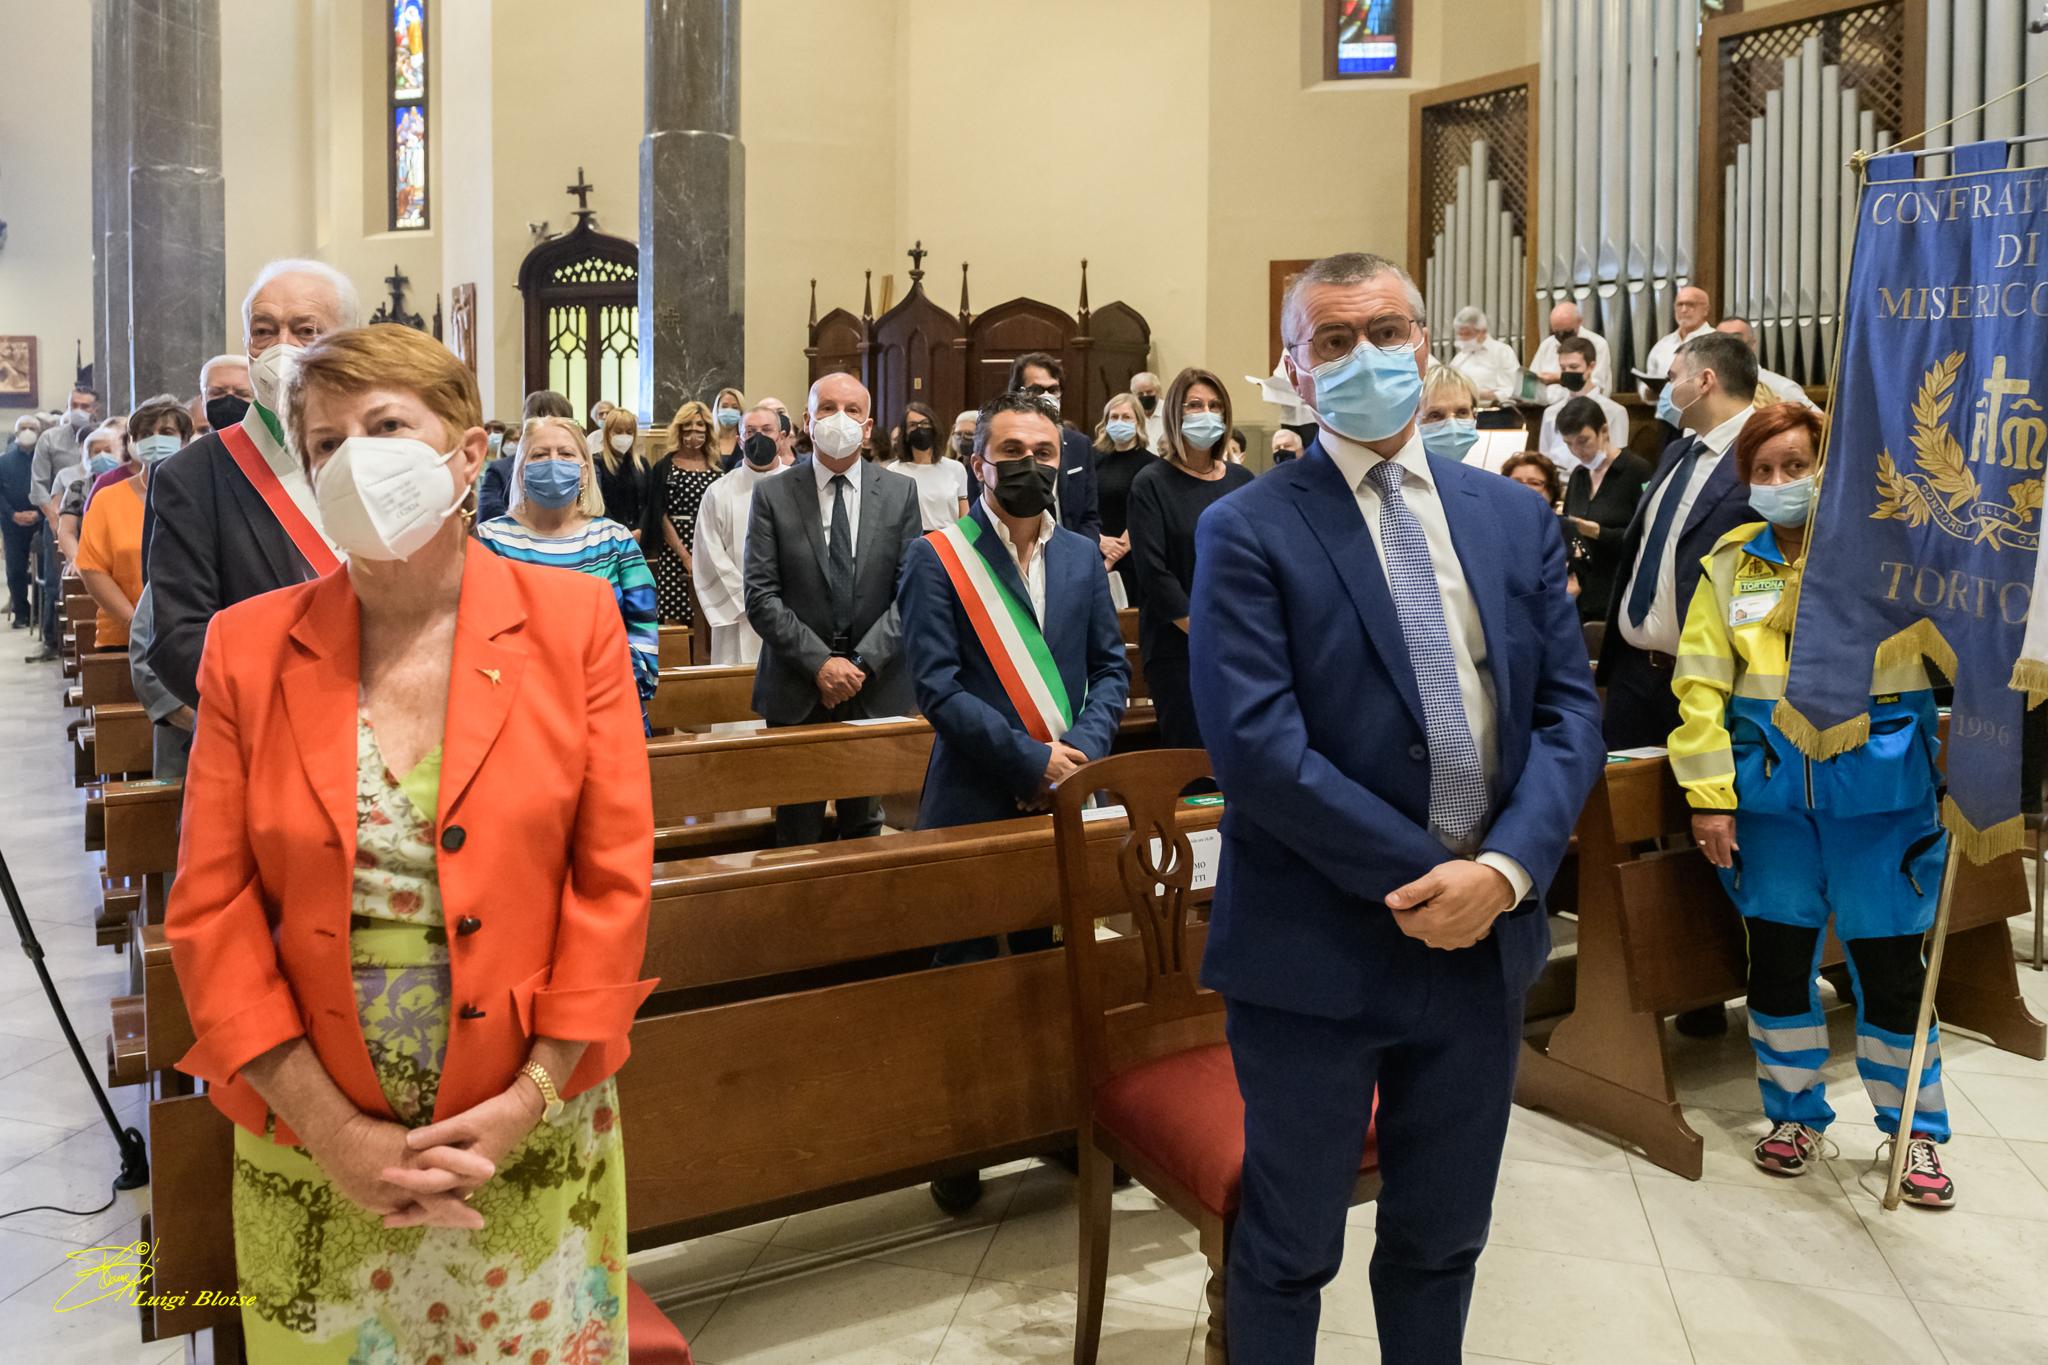 29-agosto-2021-pontificale-10.30-MdG-–-FOTO_mdg_-98